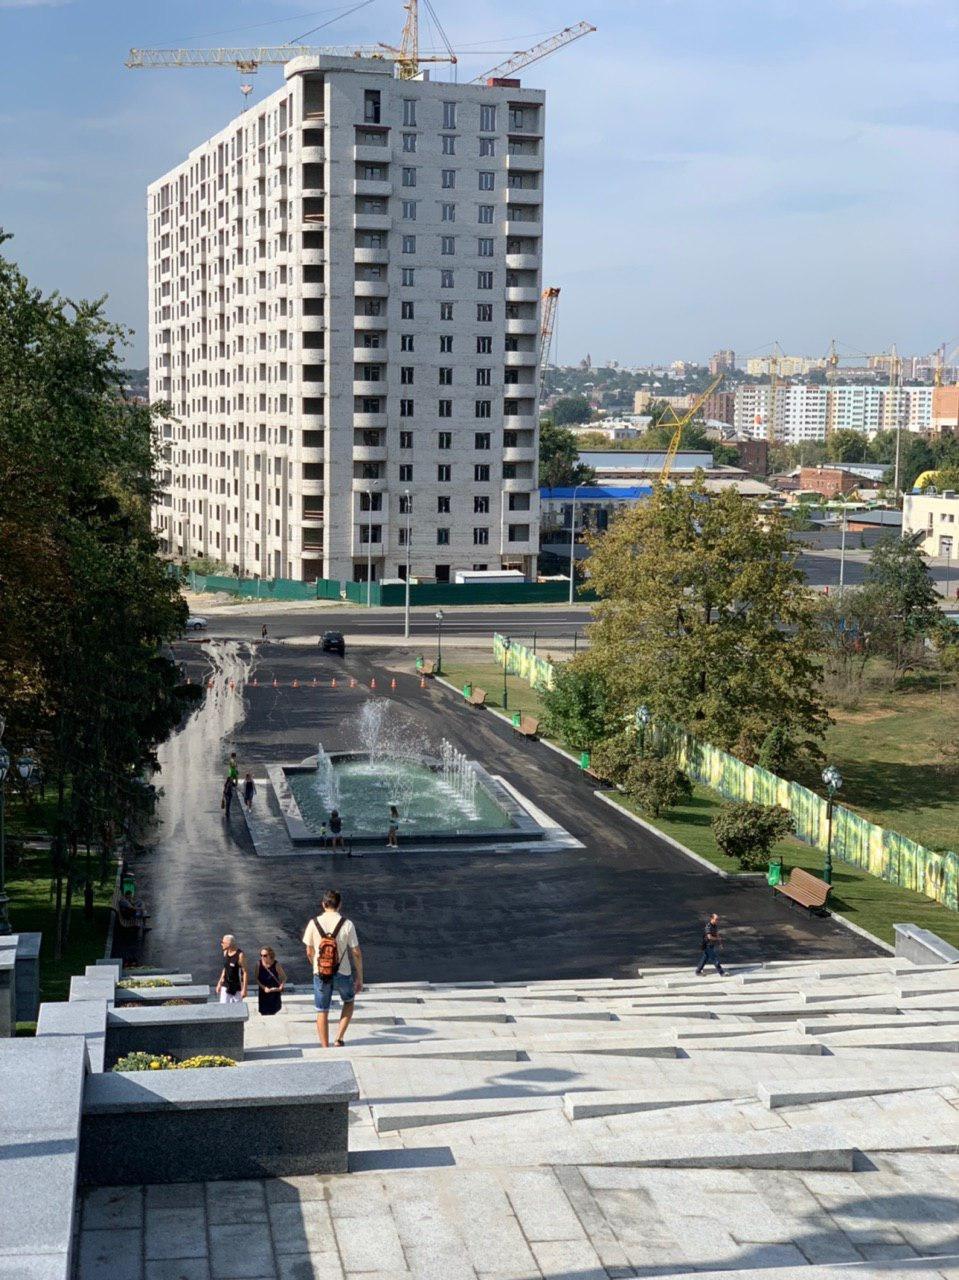 Сколько денег потратили на реконструкцию «Каскада» и озеро в саду Шевченко, - ФОТО, фото-4